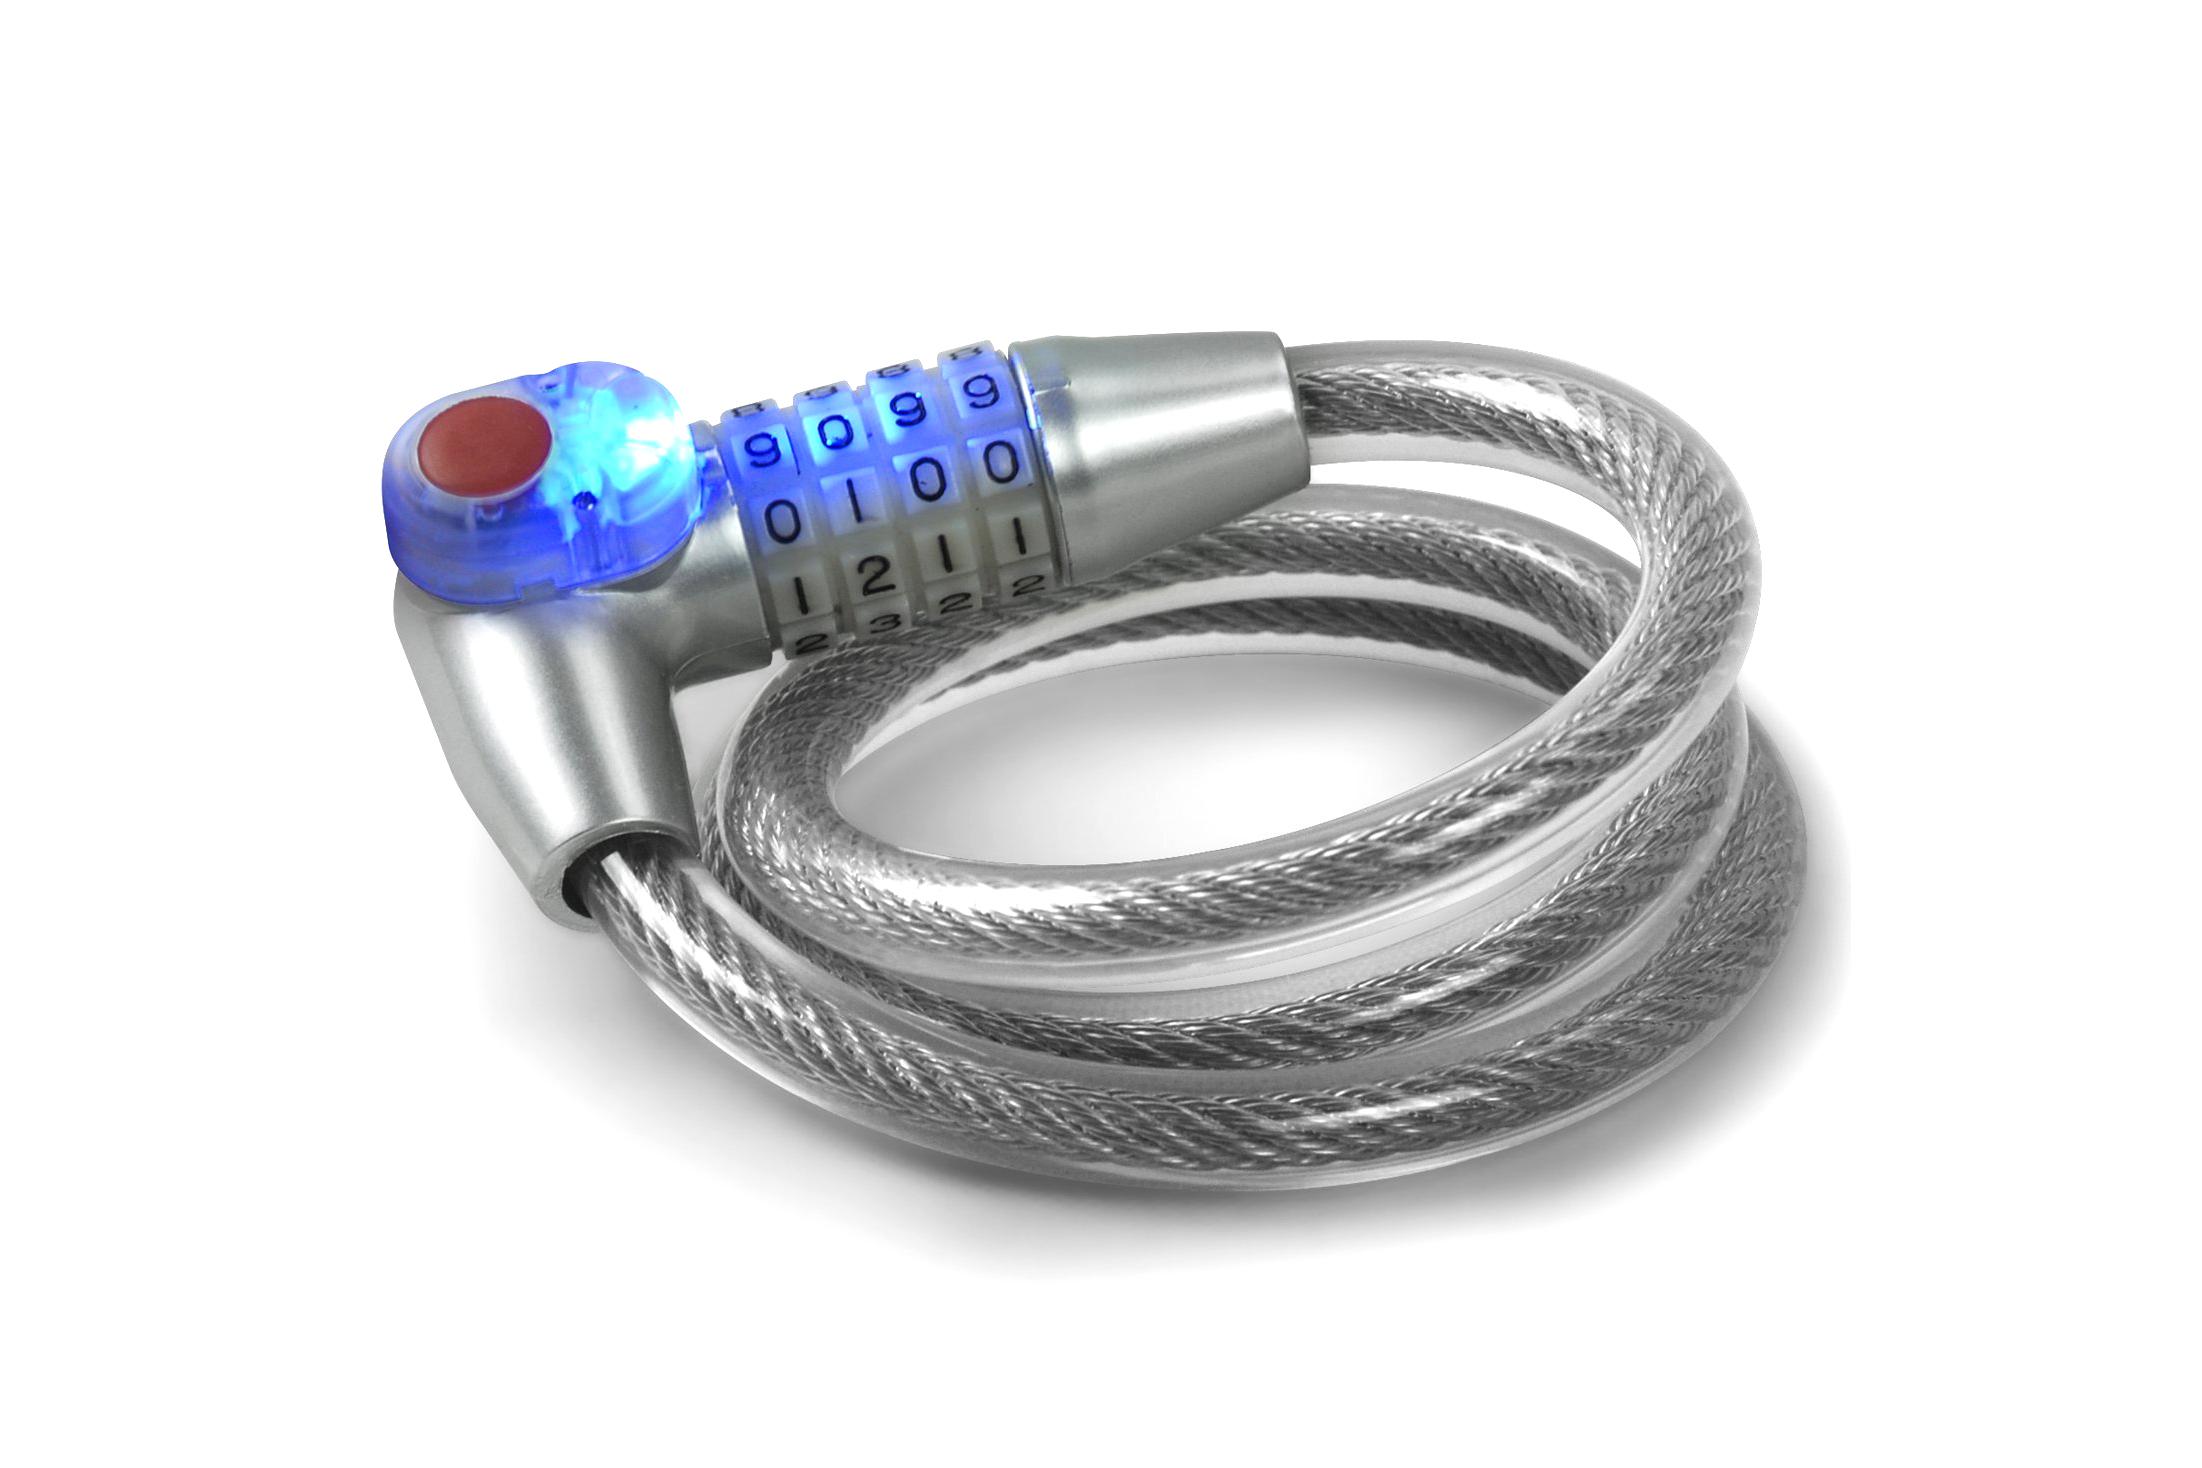 LED Light Up Lock for easy access - 4.5 stars - $11 (Prime)